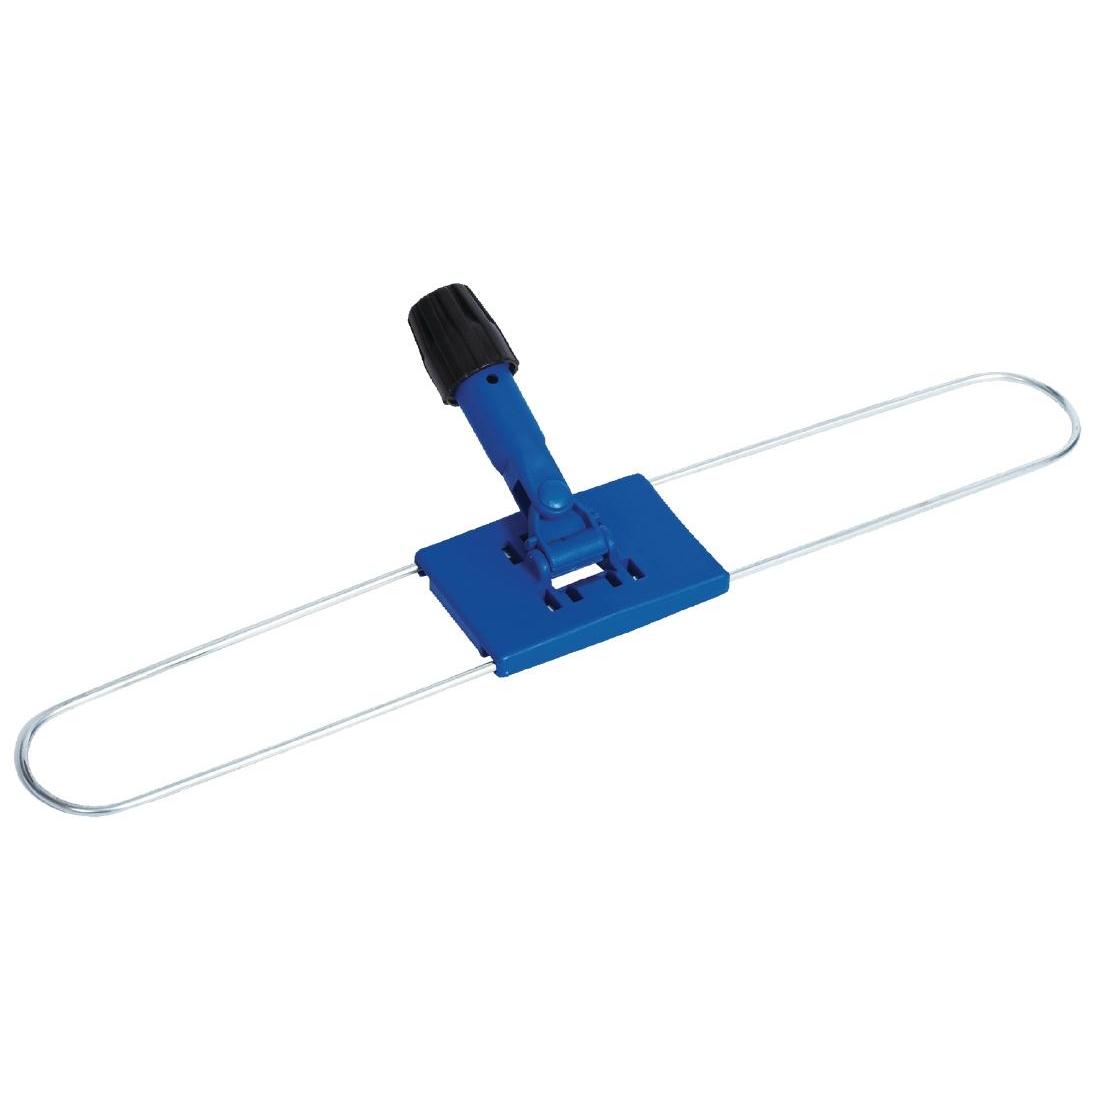 Support mop pour balai mécanique Jantex 600mm